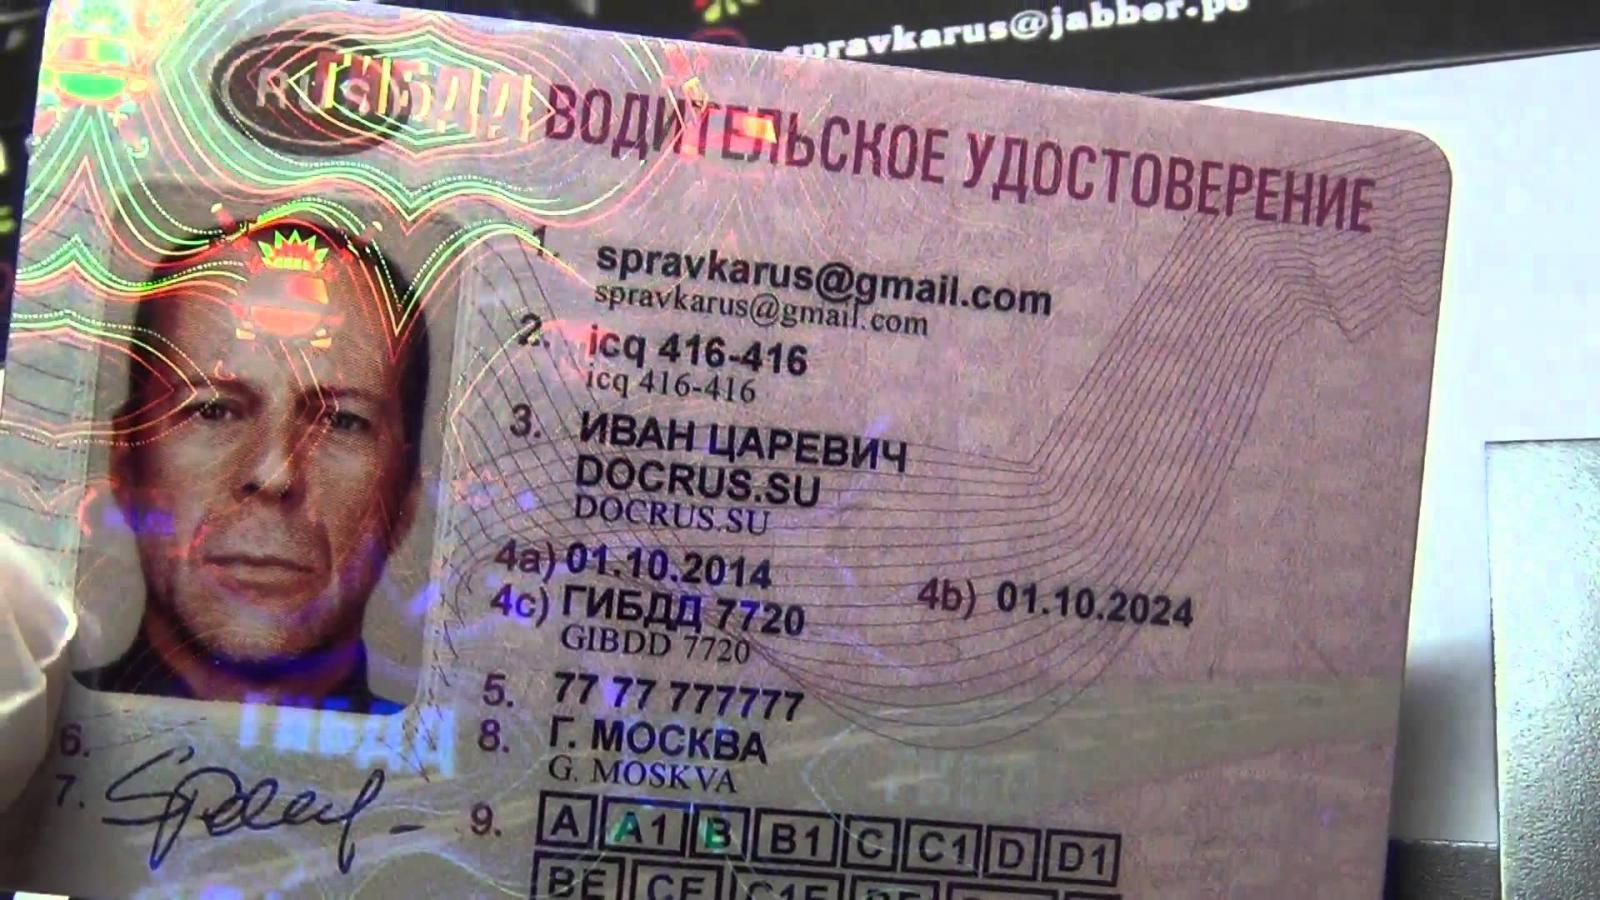 В Брянске военнослужащего осудили за поддельное водительское удостоверение